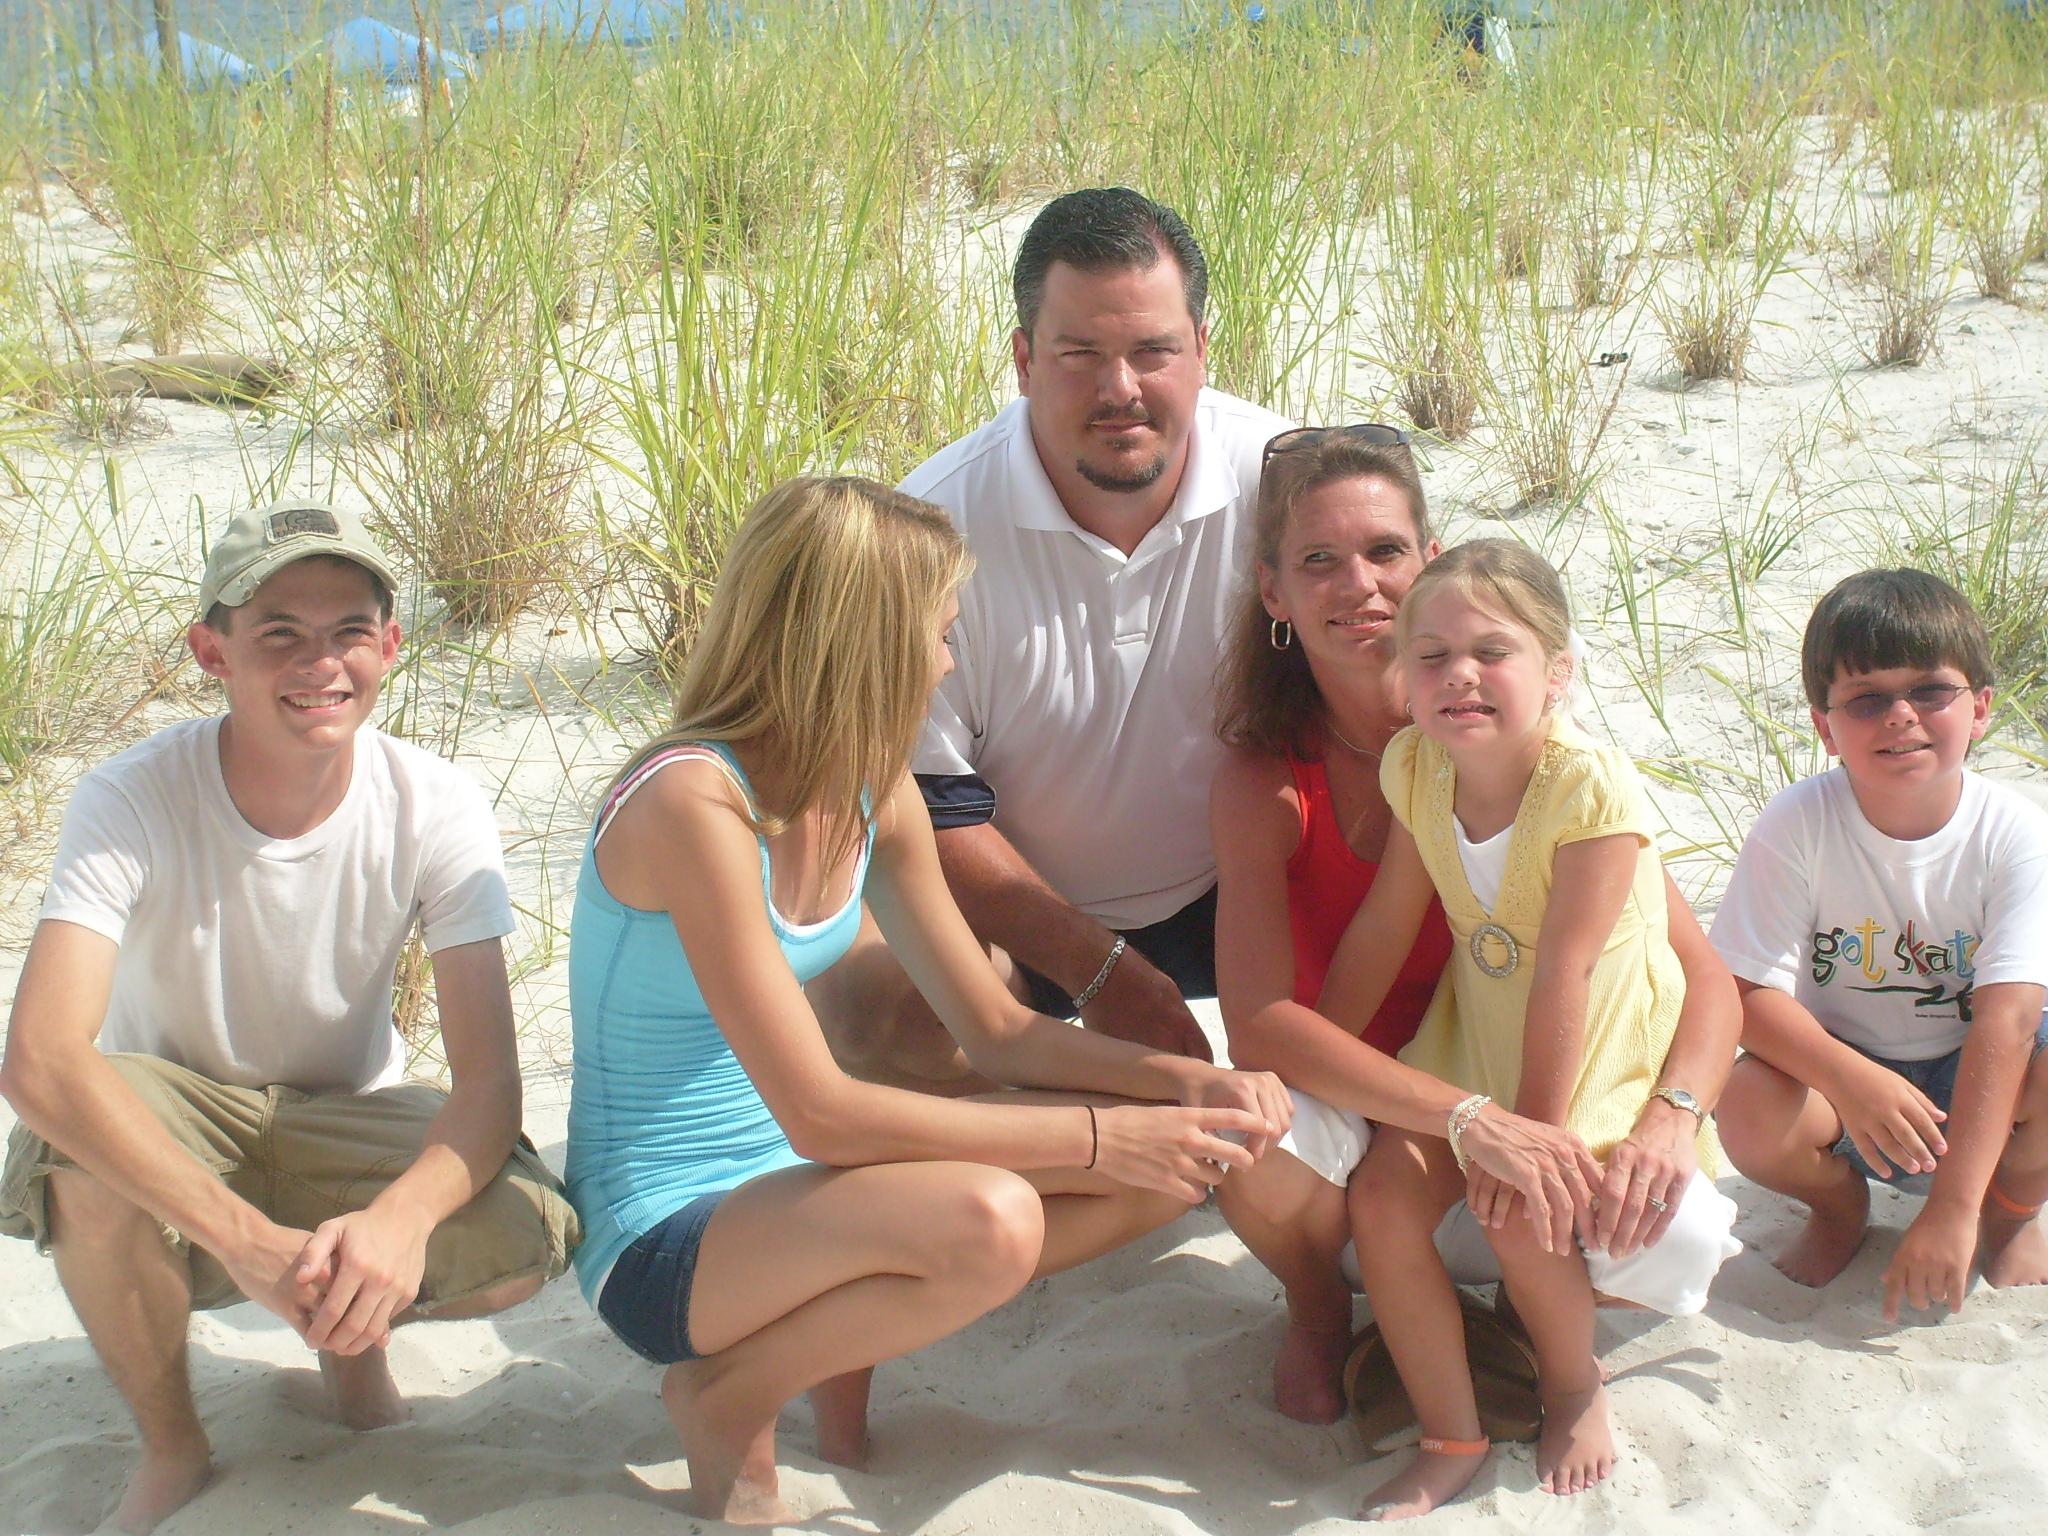 hollis-talking-family.jpg